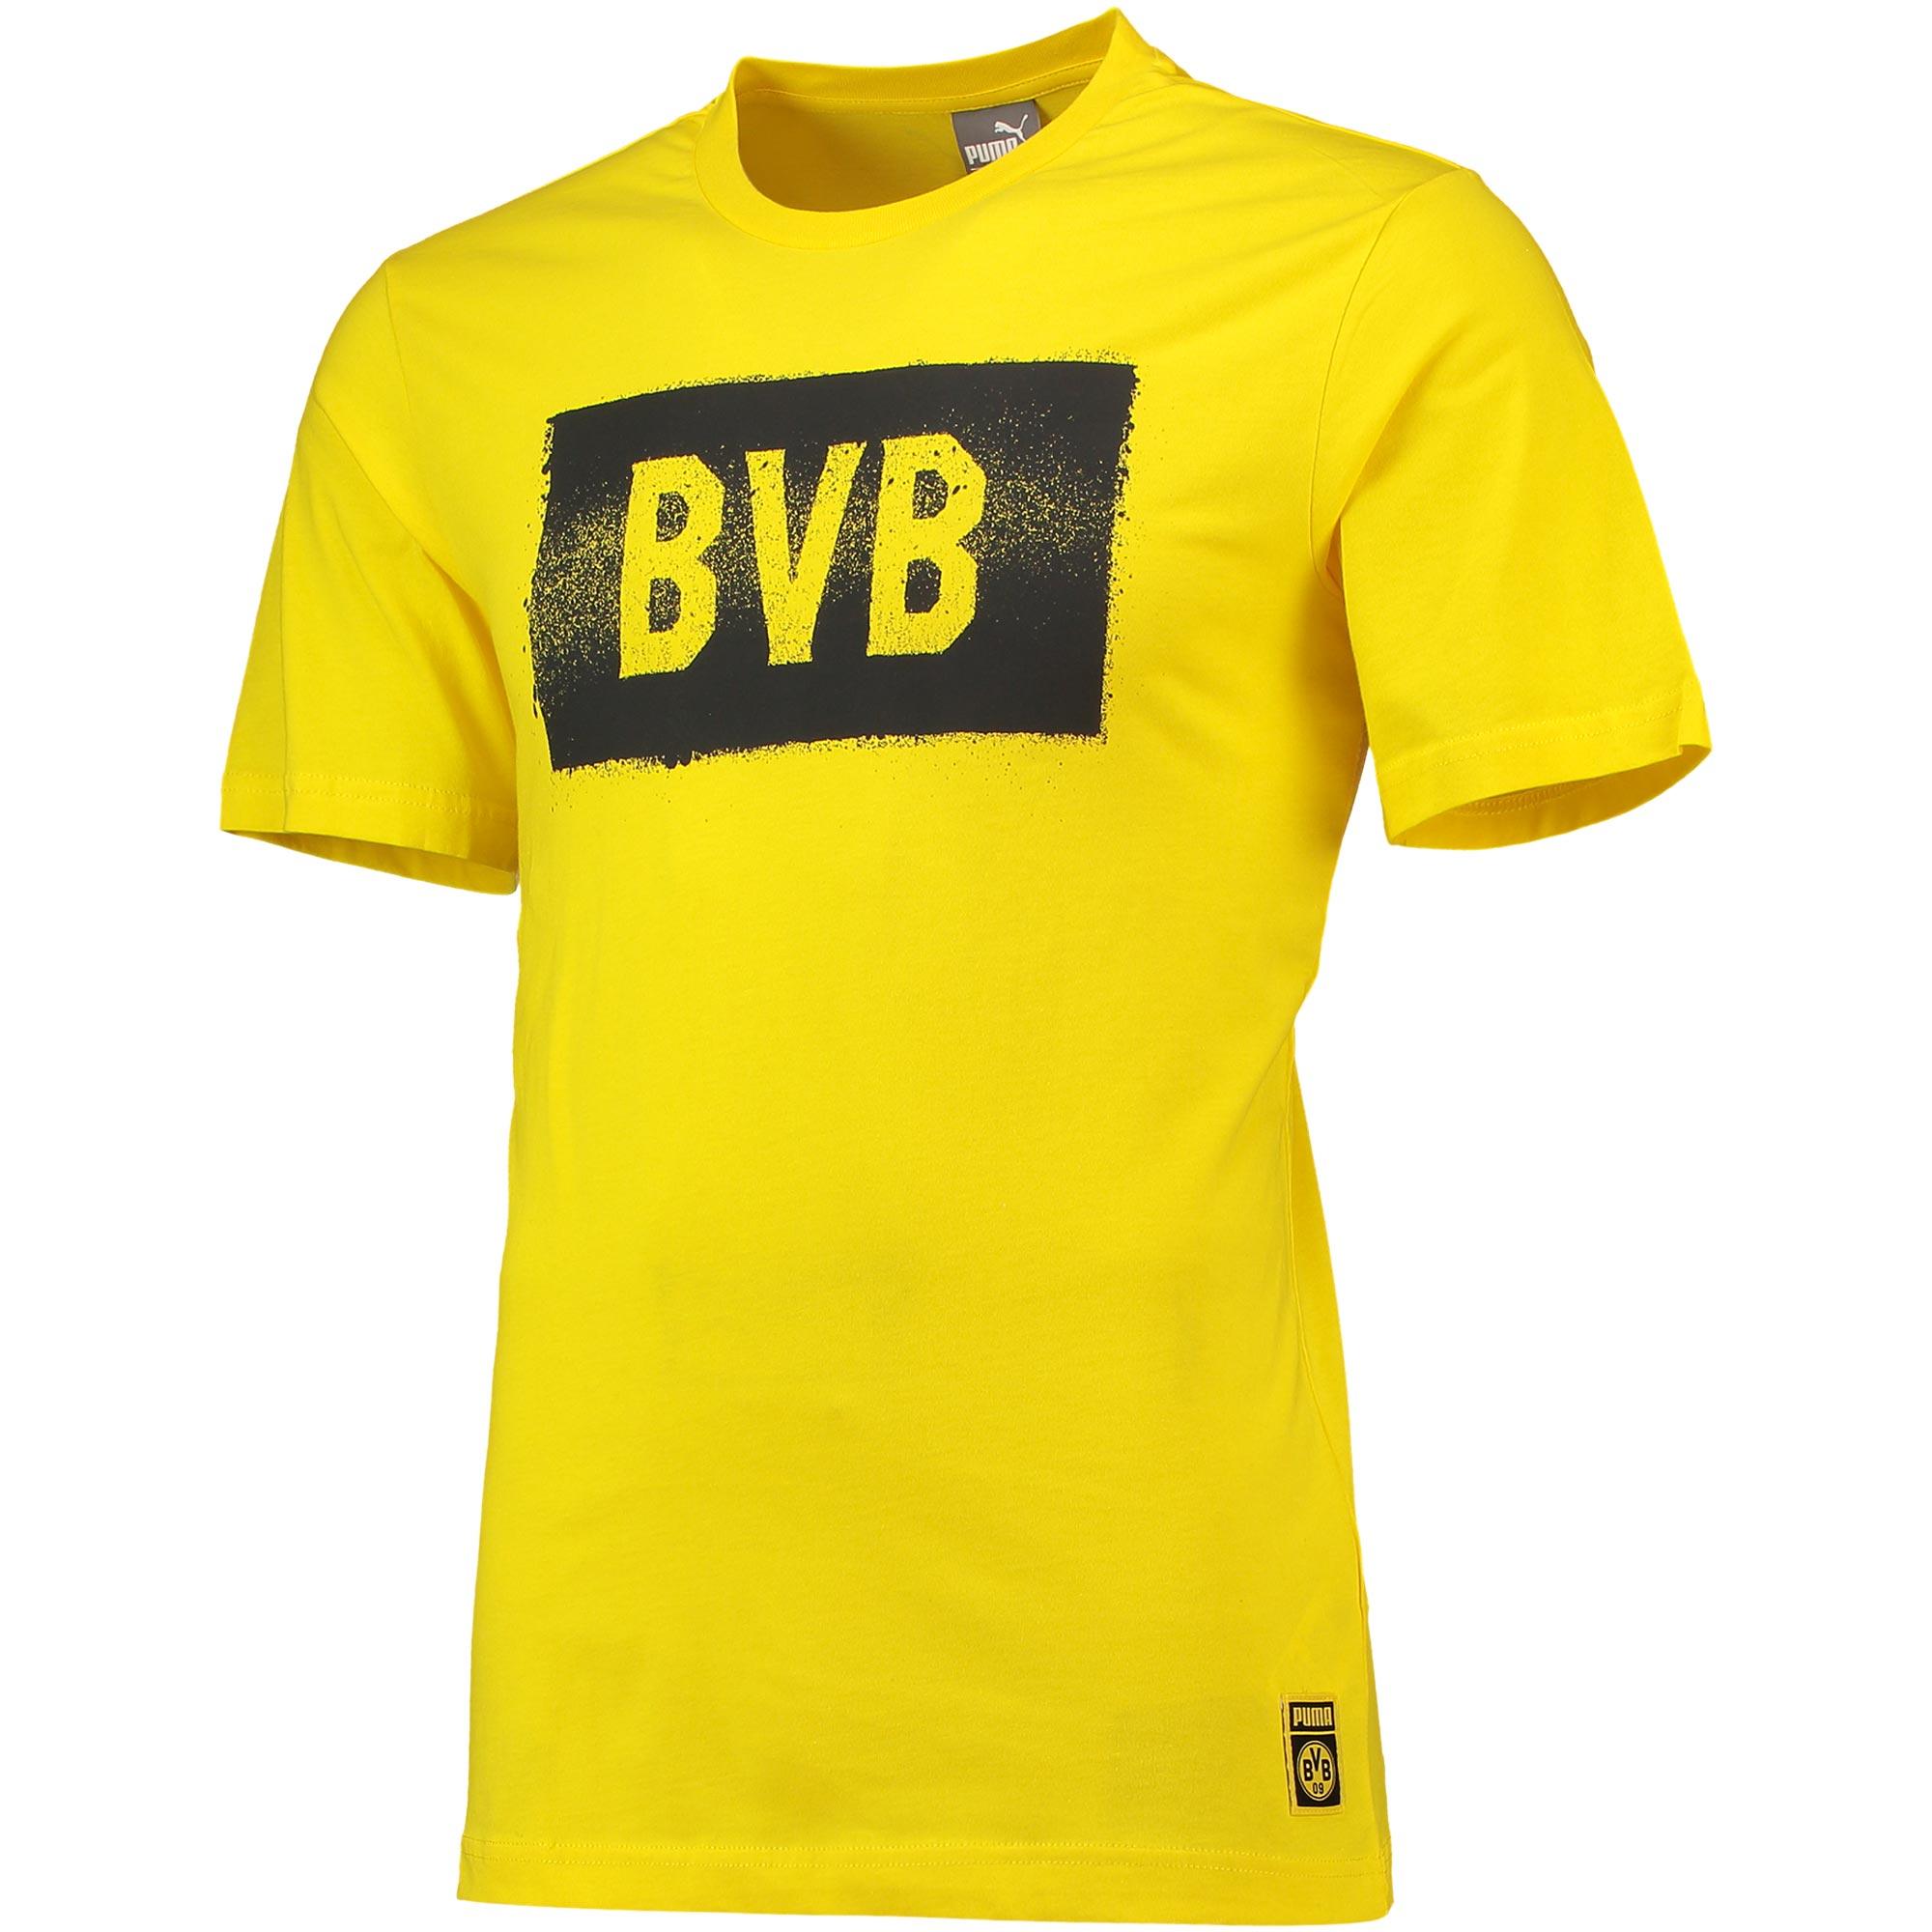 Camiseta Stencil del BVB en amarillo